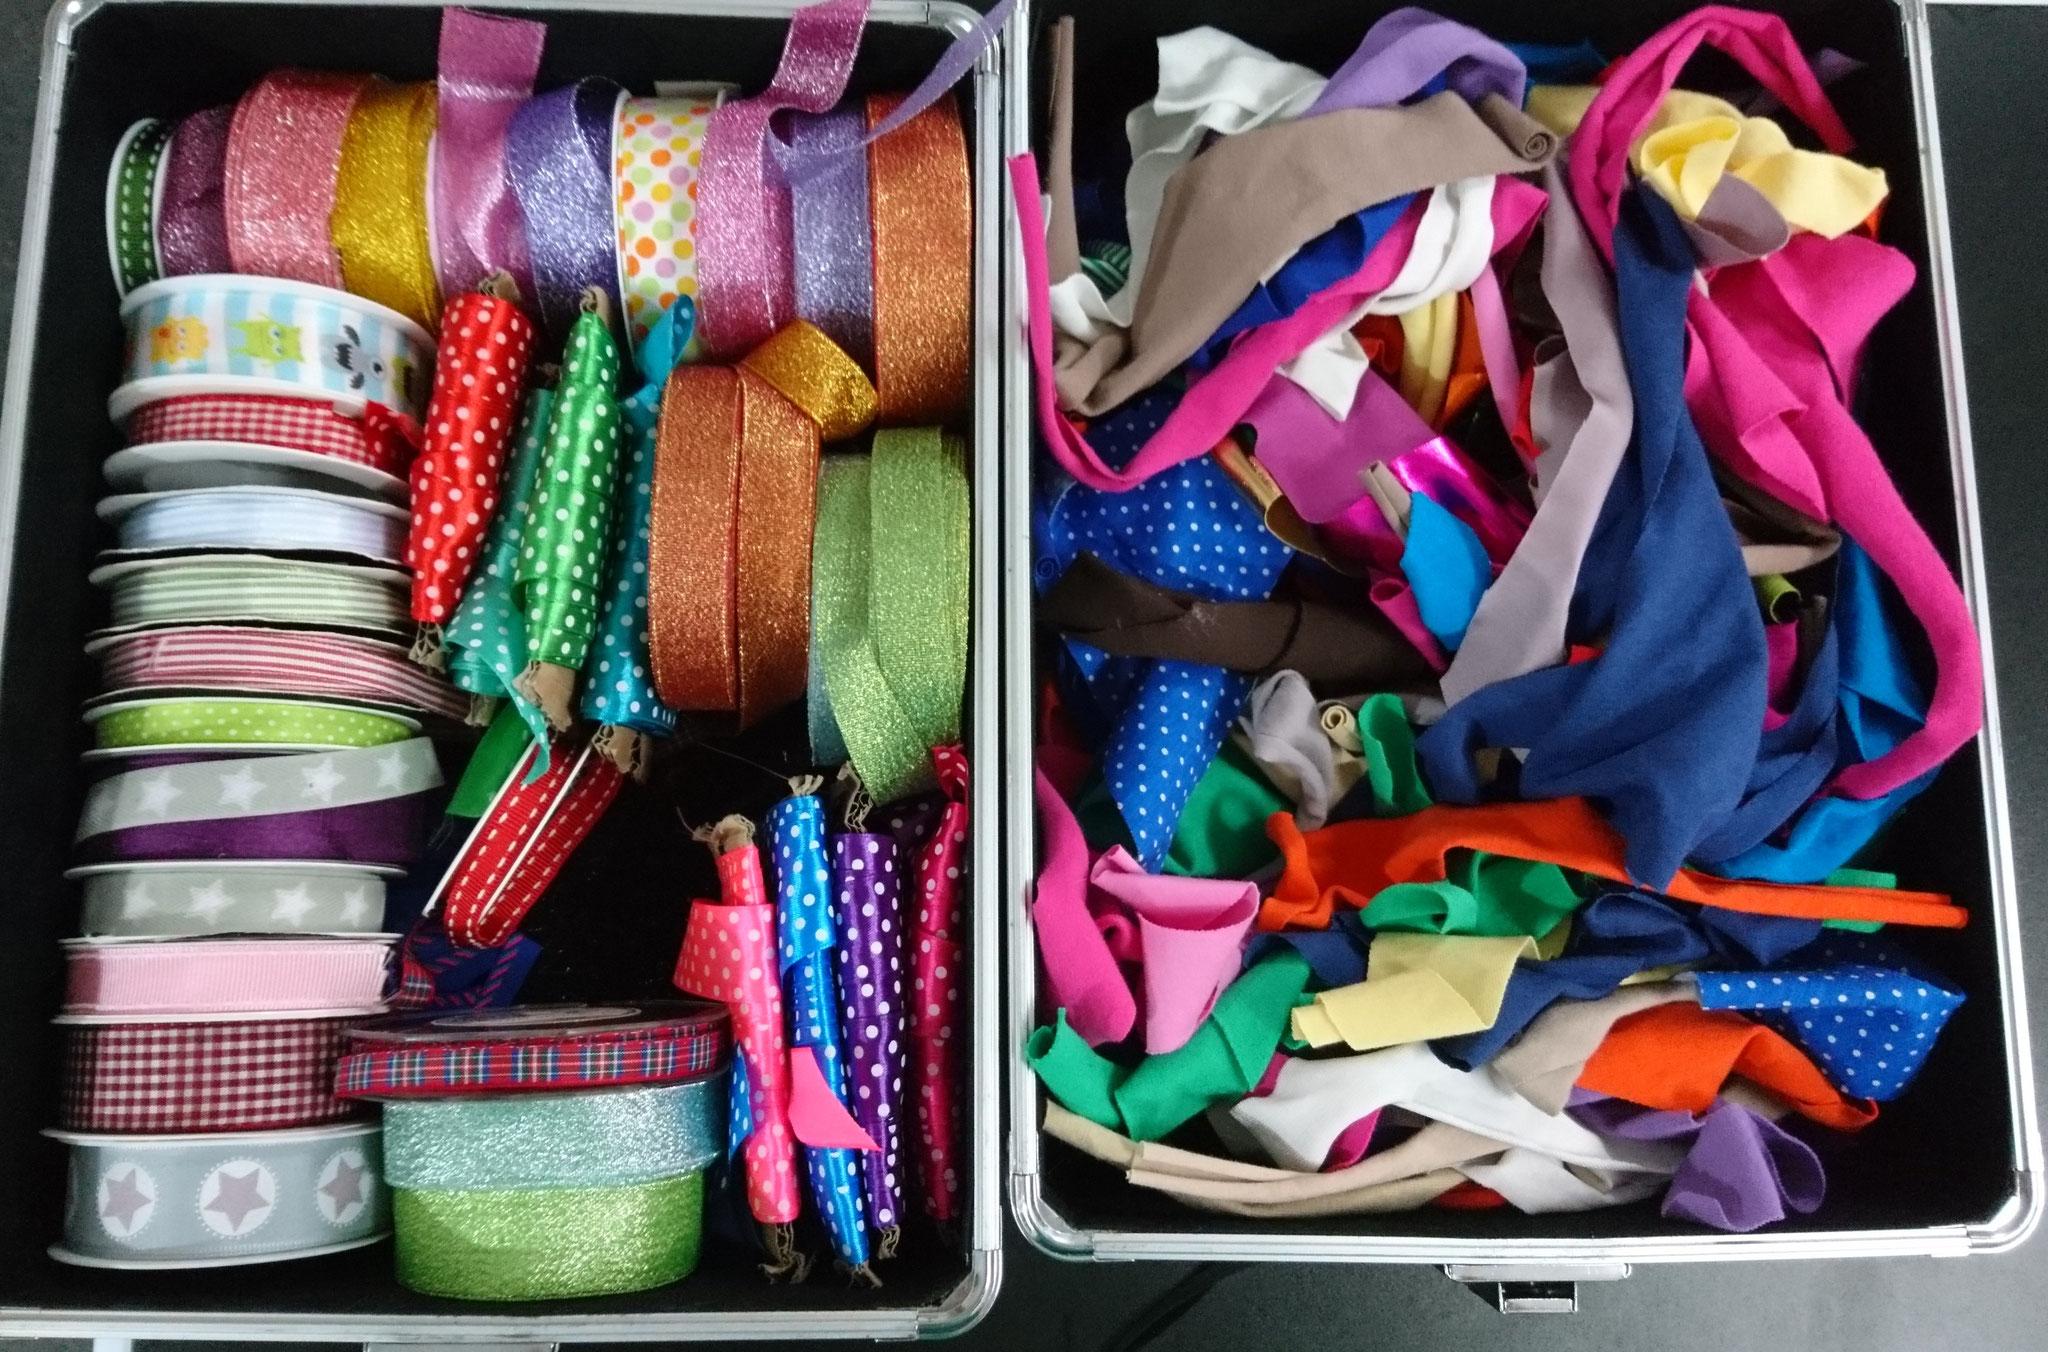 jedes Kuscheltier darf man hübsch machen mit einer Schleife oder Halstuch, eine große Auswahl steht zur Verfügung. Die Halstücher werden von Hand zugeschnitten.